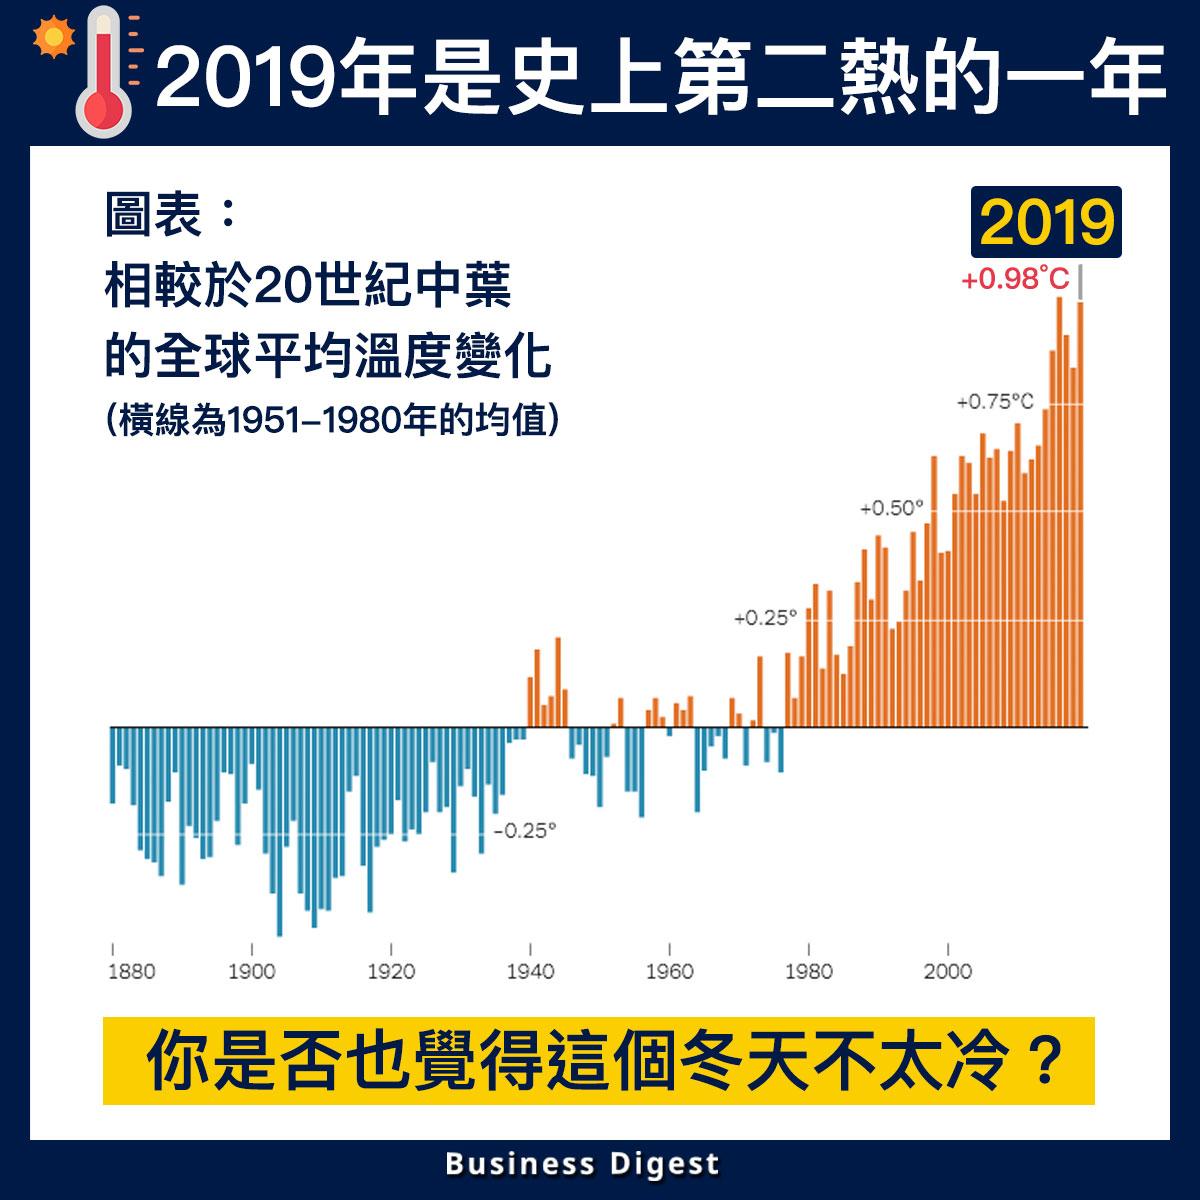 【商業熱話】2019年是史上第二熱的一年